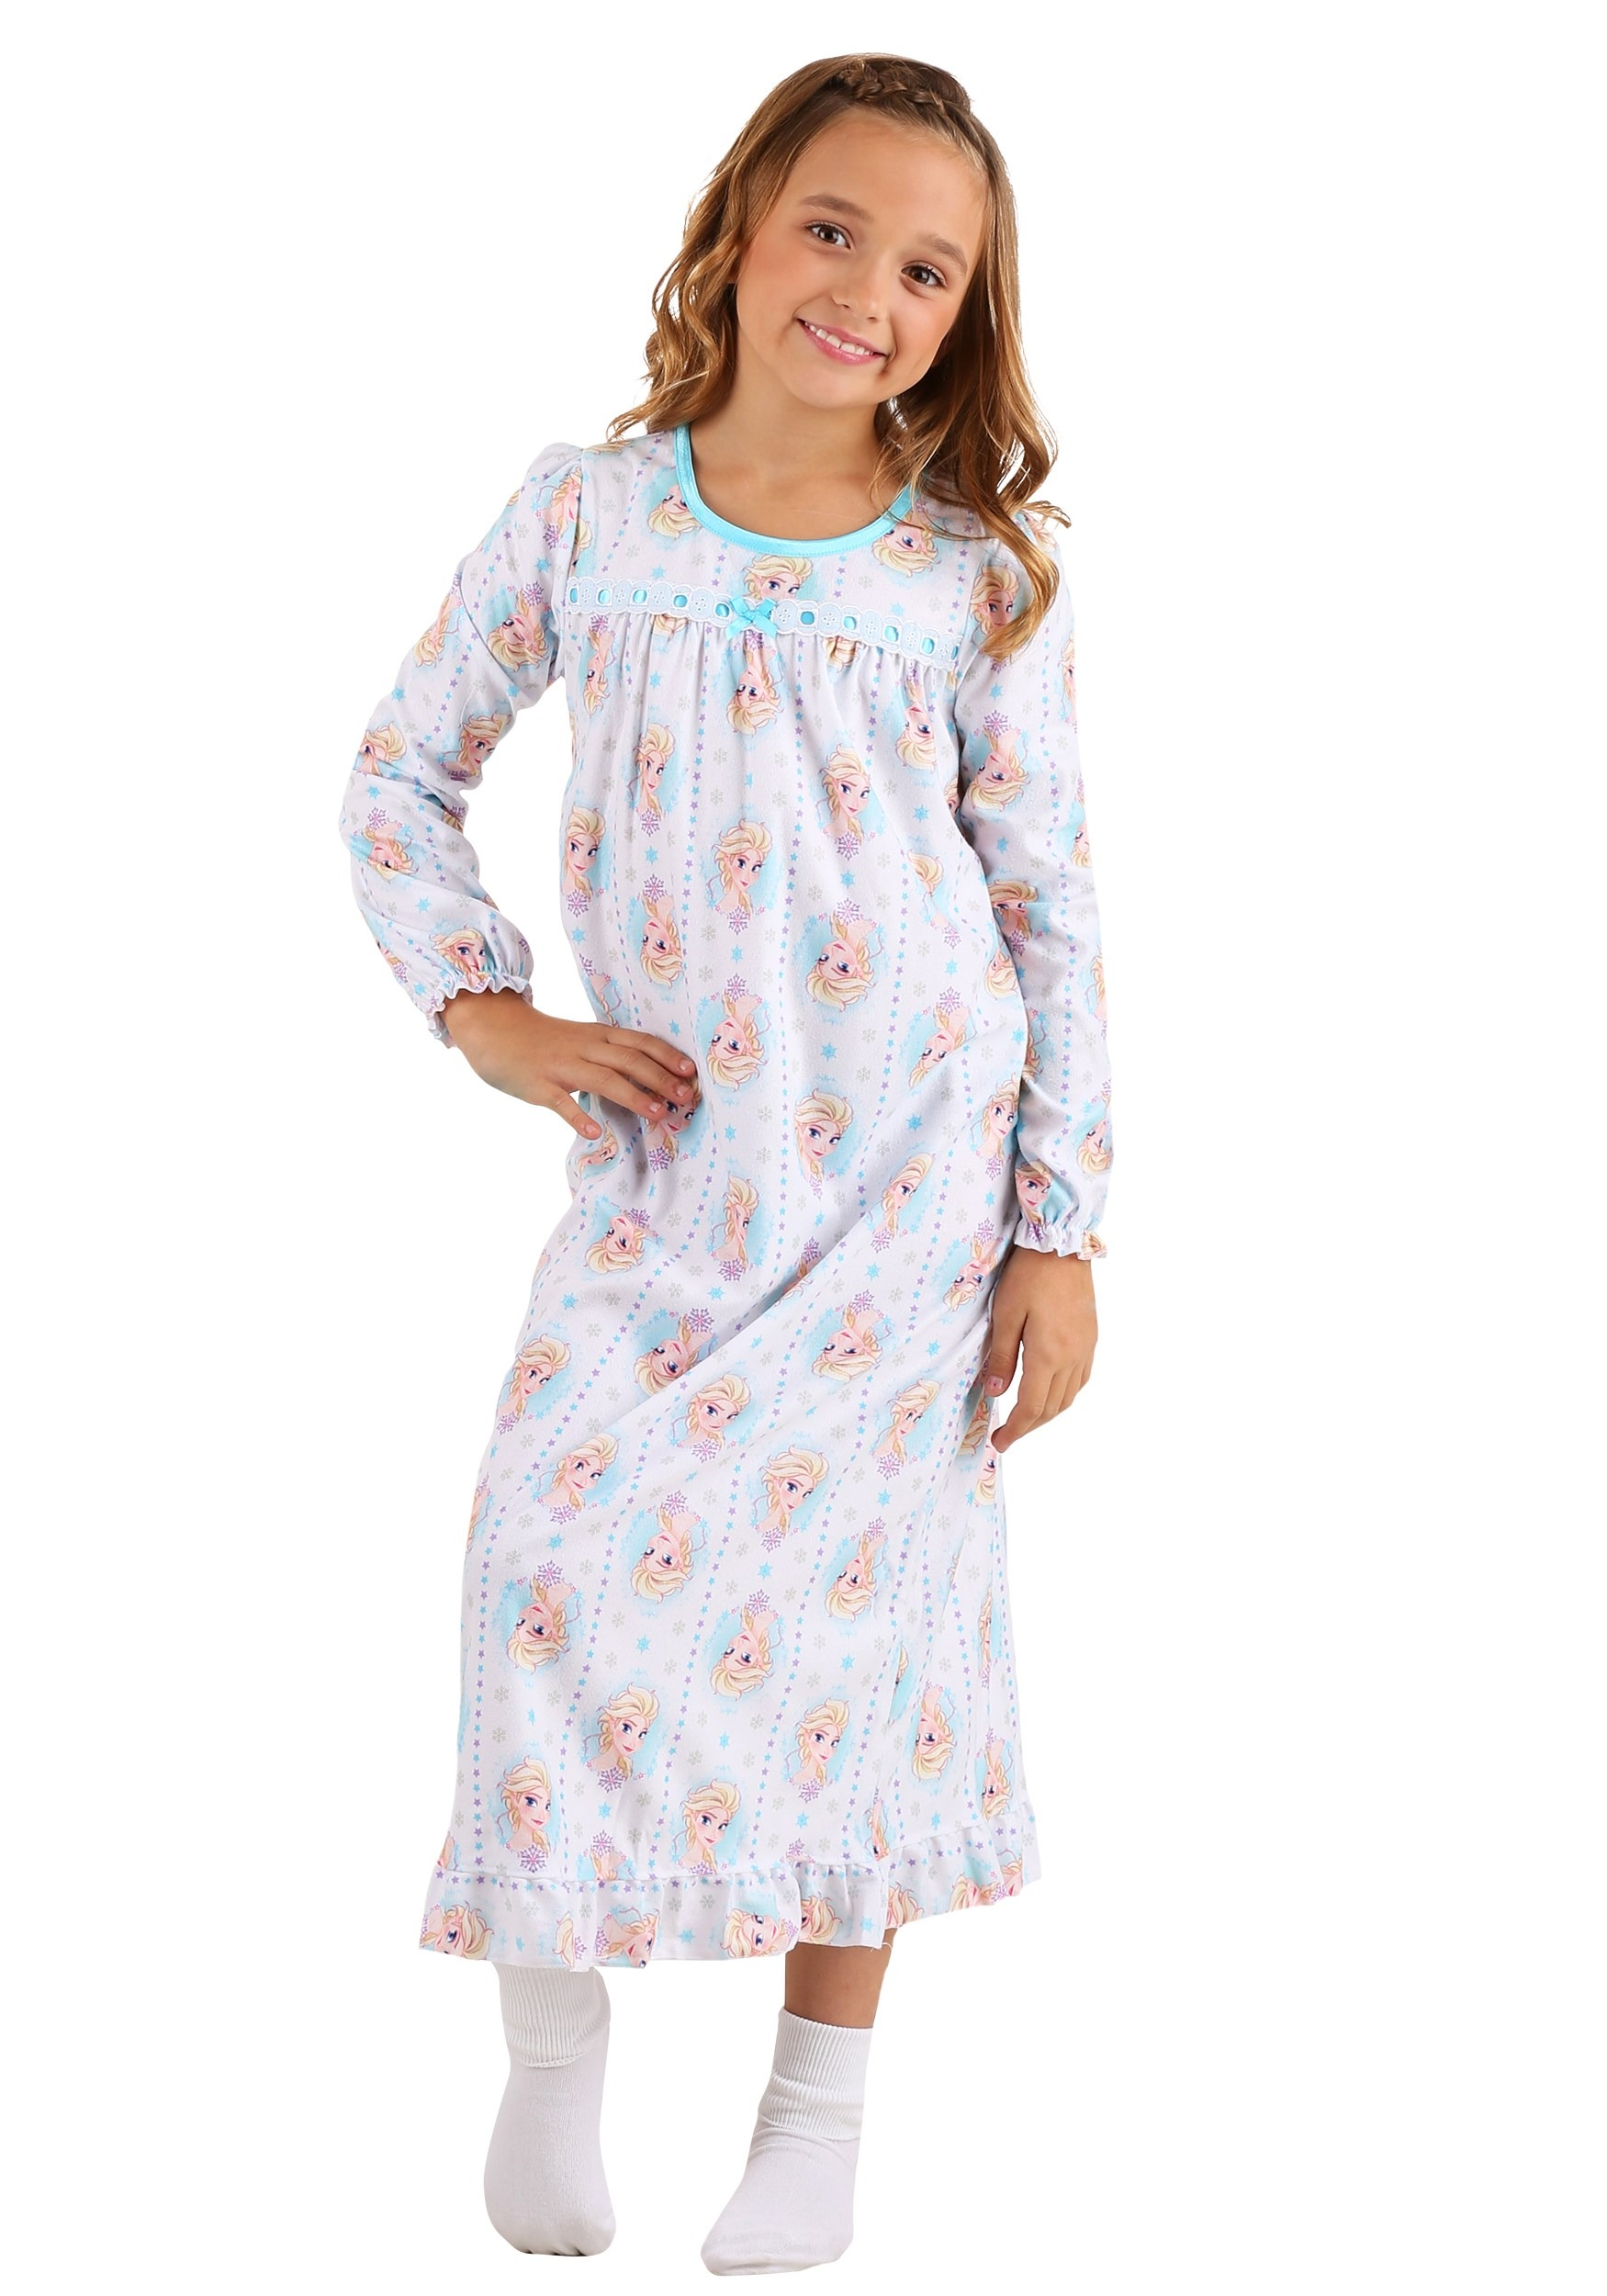 Frozen Elsa Granny Gown Sleepwear for Girls